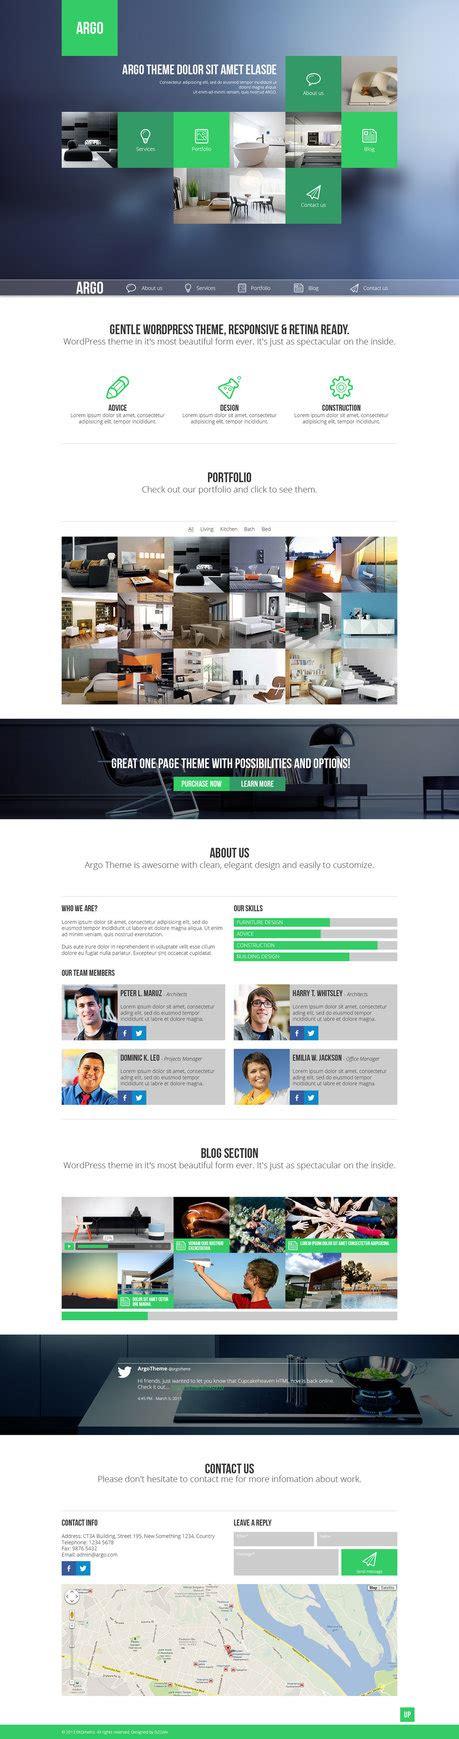 design inspiration web portfolio argo one page portfolio psd template by darkstalkerr on